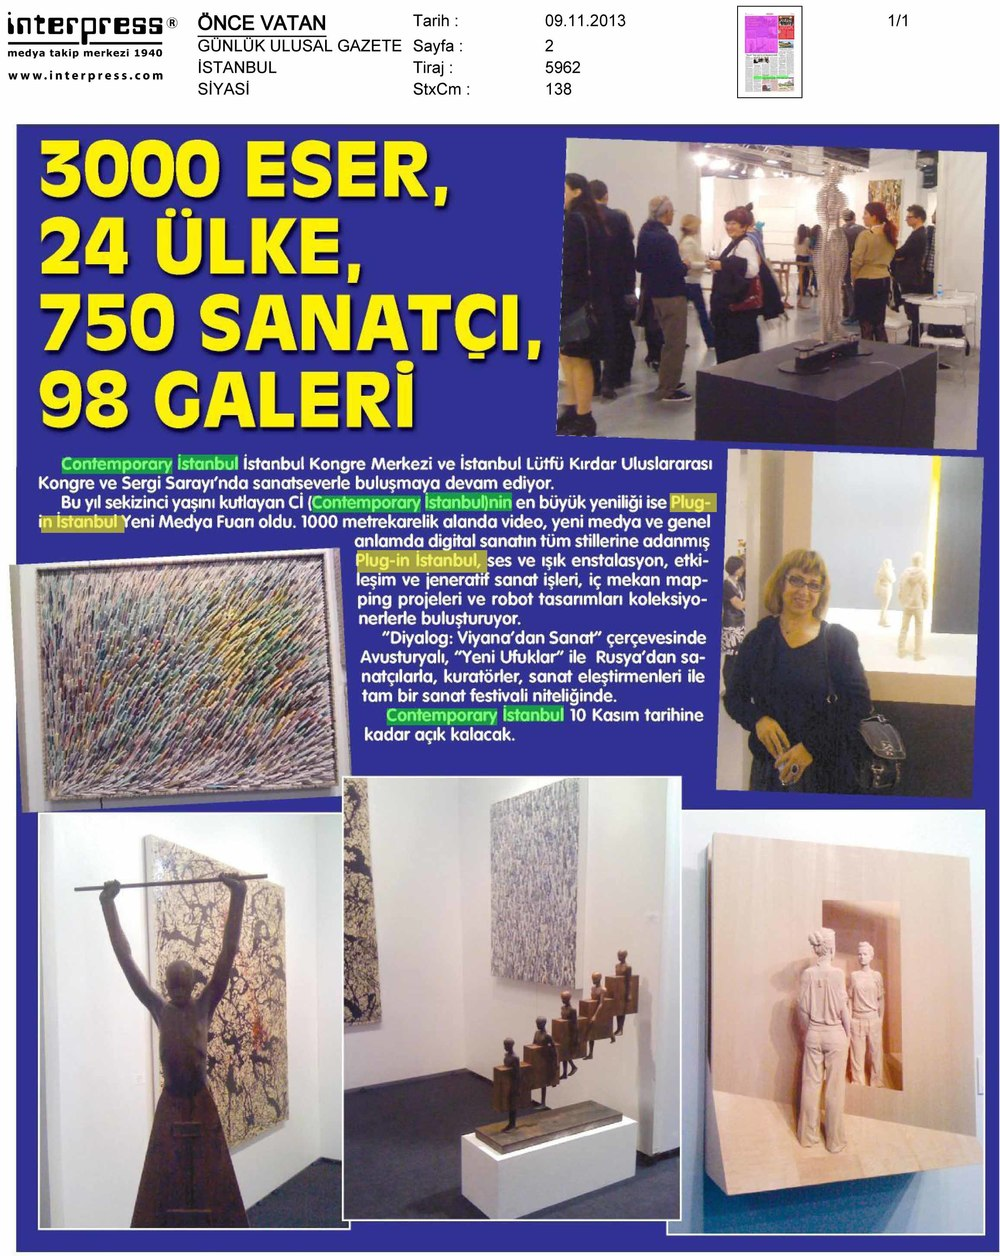 Önce Vatan - Ulusal Günlük Gazete - 09.jpg